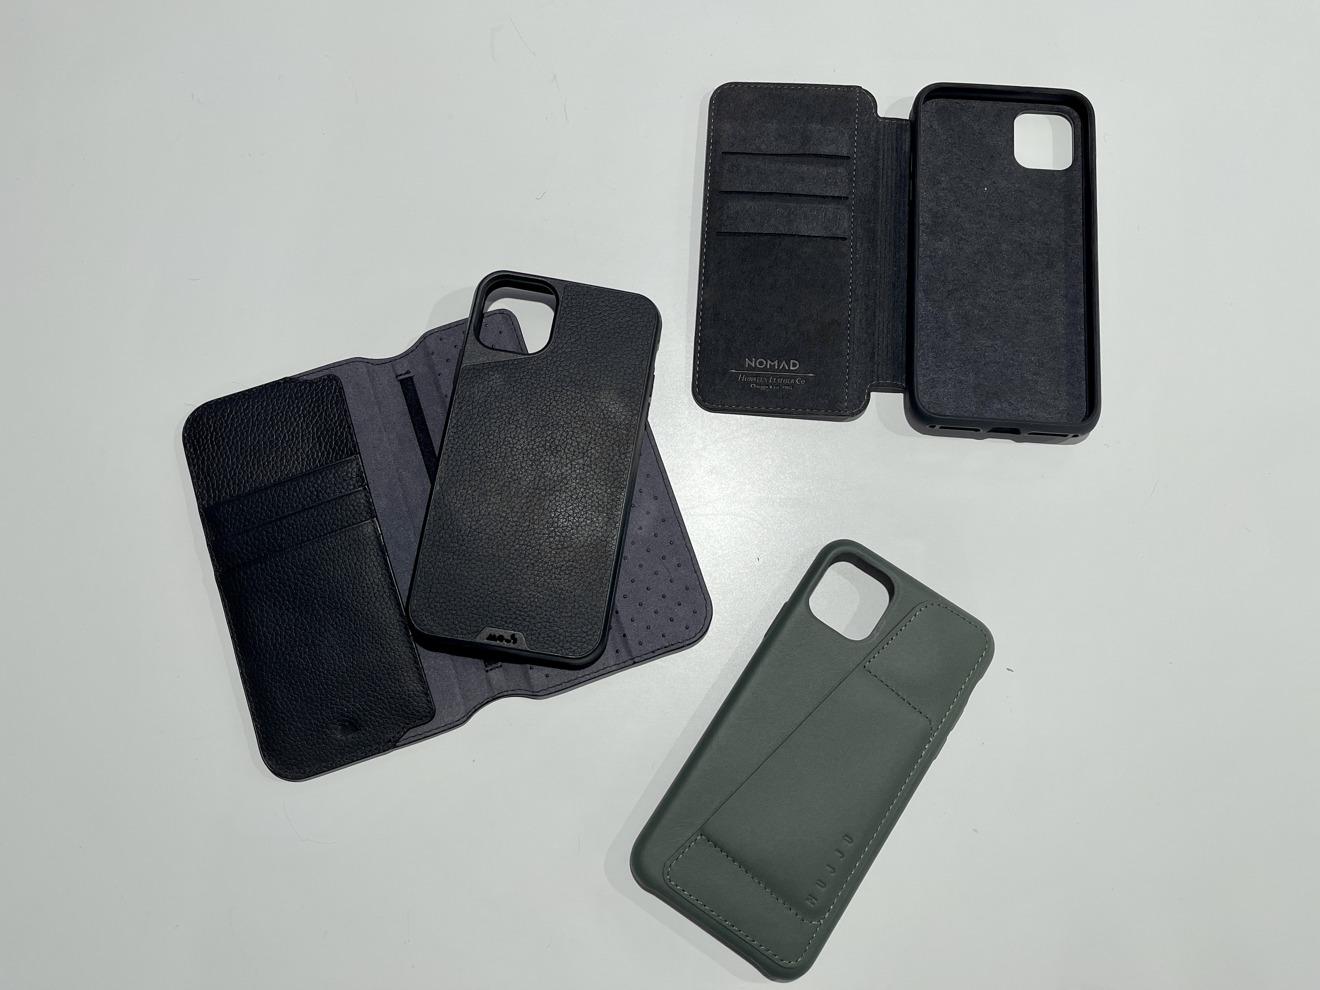 Solo algunas de las carteras que probé para el iPhone 11 Pro Max solo